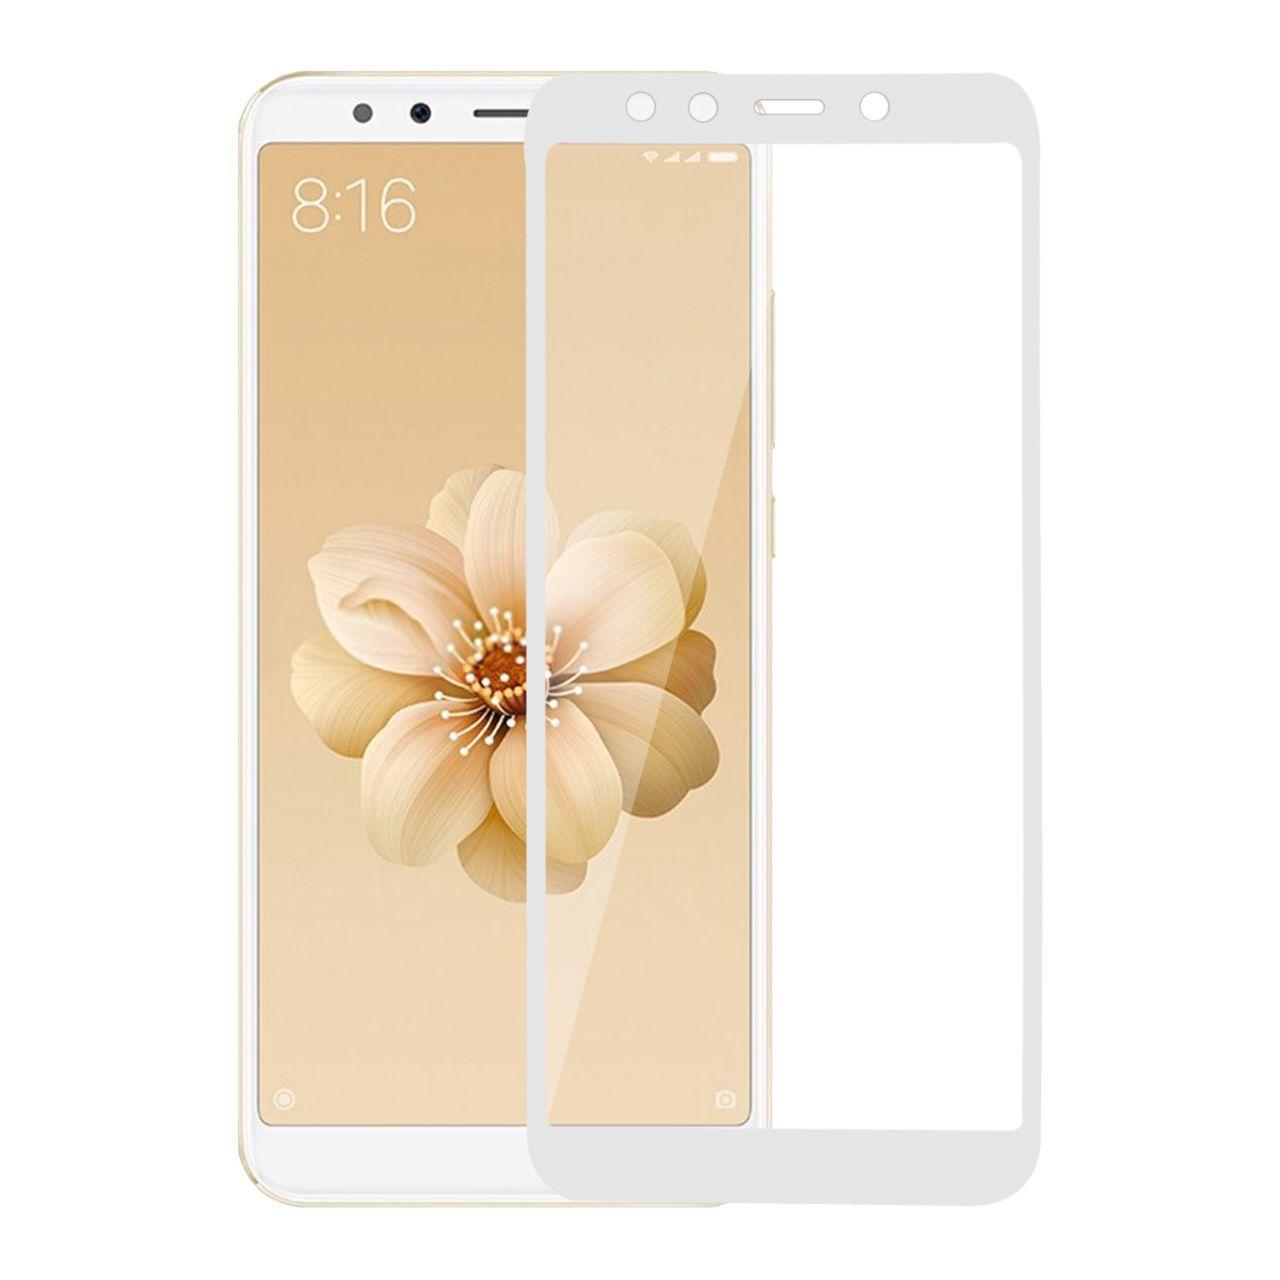 Защитное стекло MakeFuture Full Cover Full Glue Xiaomi Mi A2, Mi 6X White (MGFCFG-XMA2W)